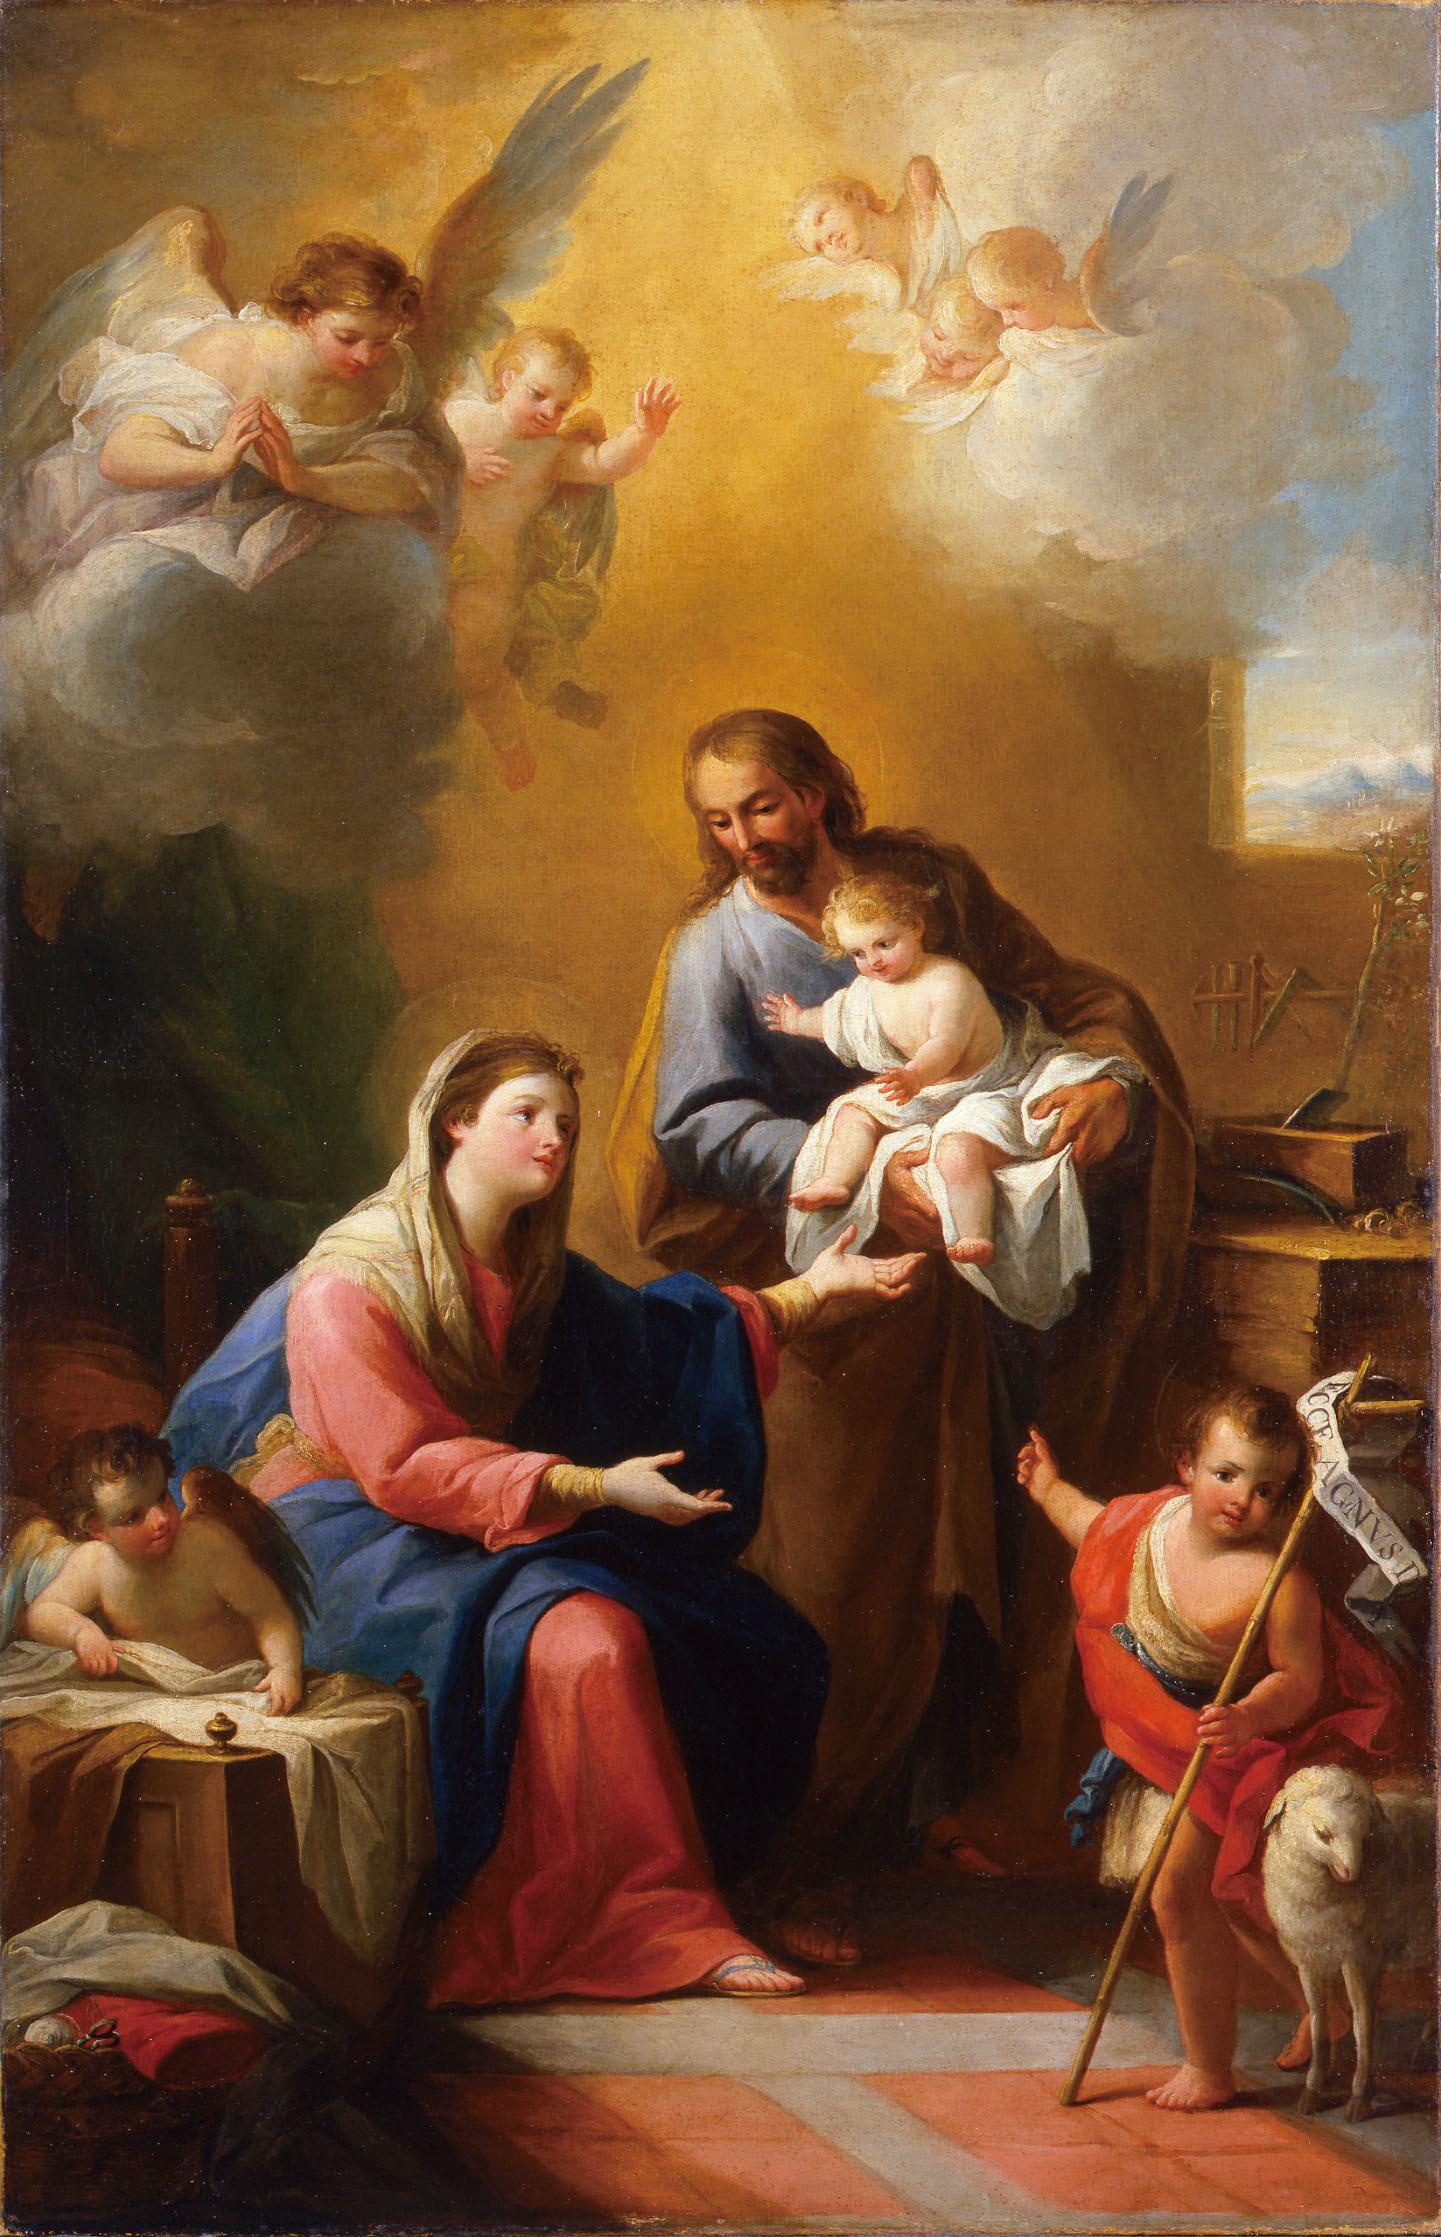 マリアーノ・サルバドール・マエーリャ「聖家族と幼い洗礼者ヨハネ」